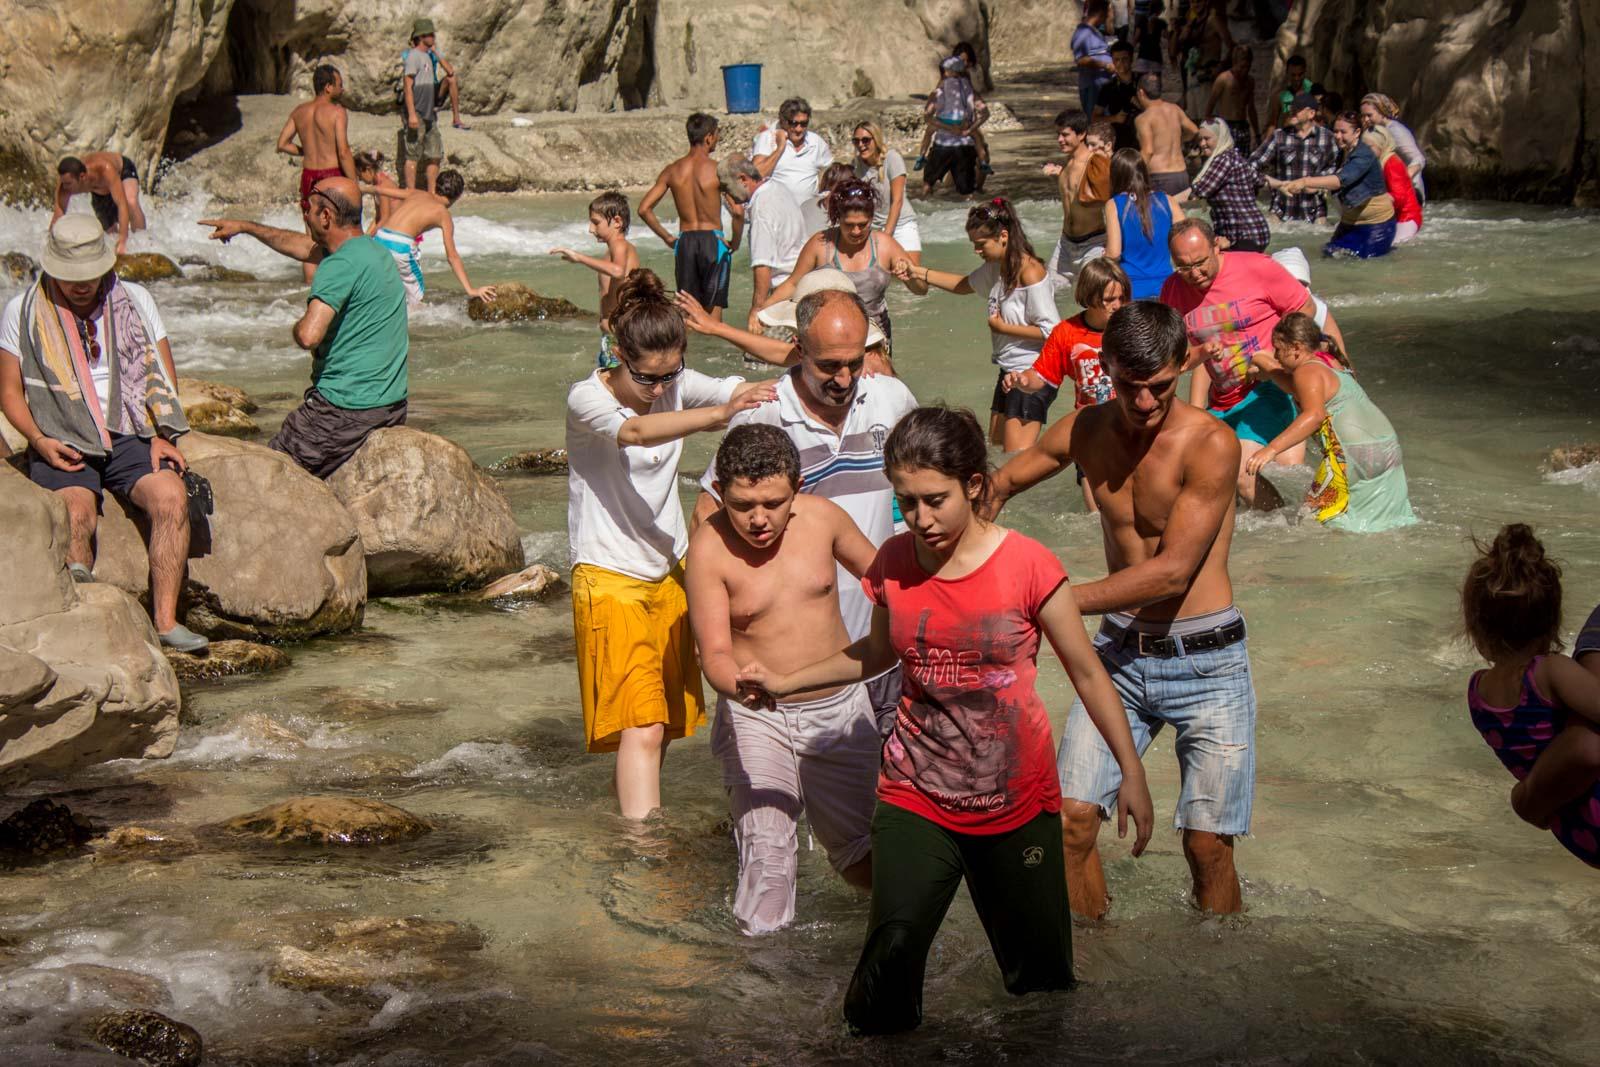 Saklikent Gorge Canyon near Fethiye, Turkey